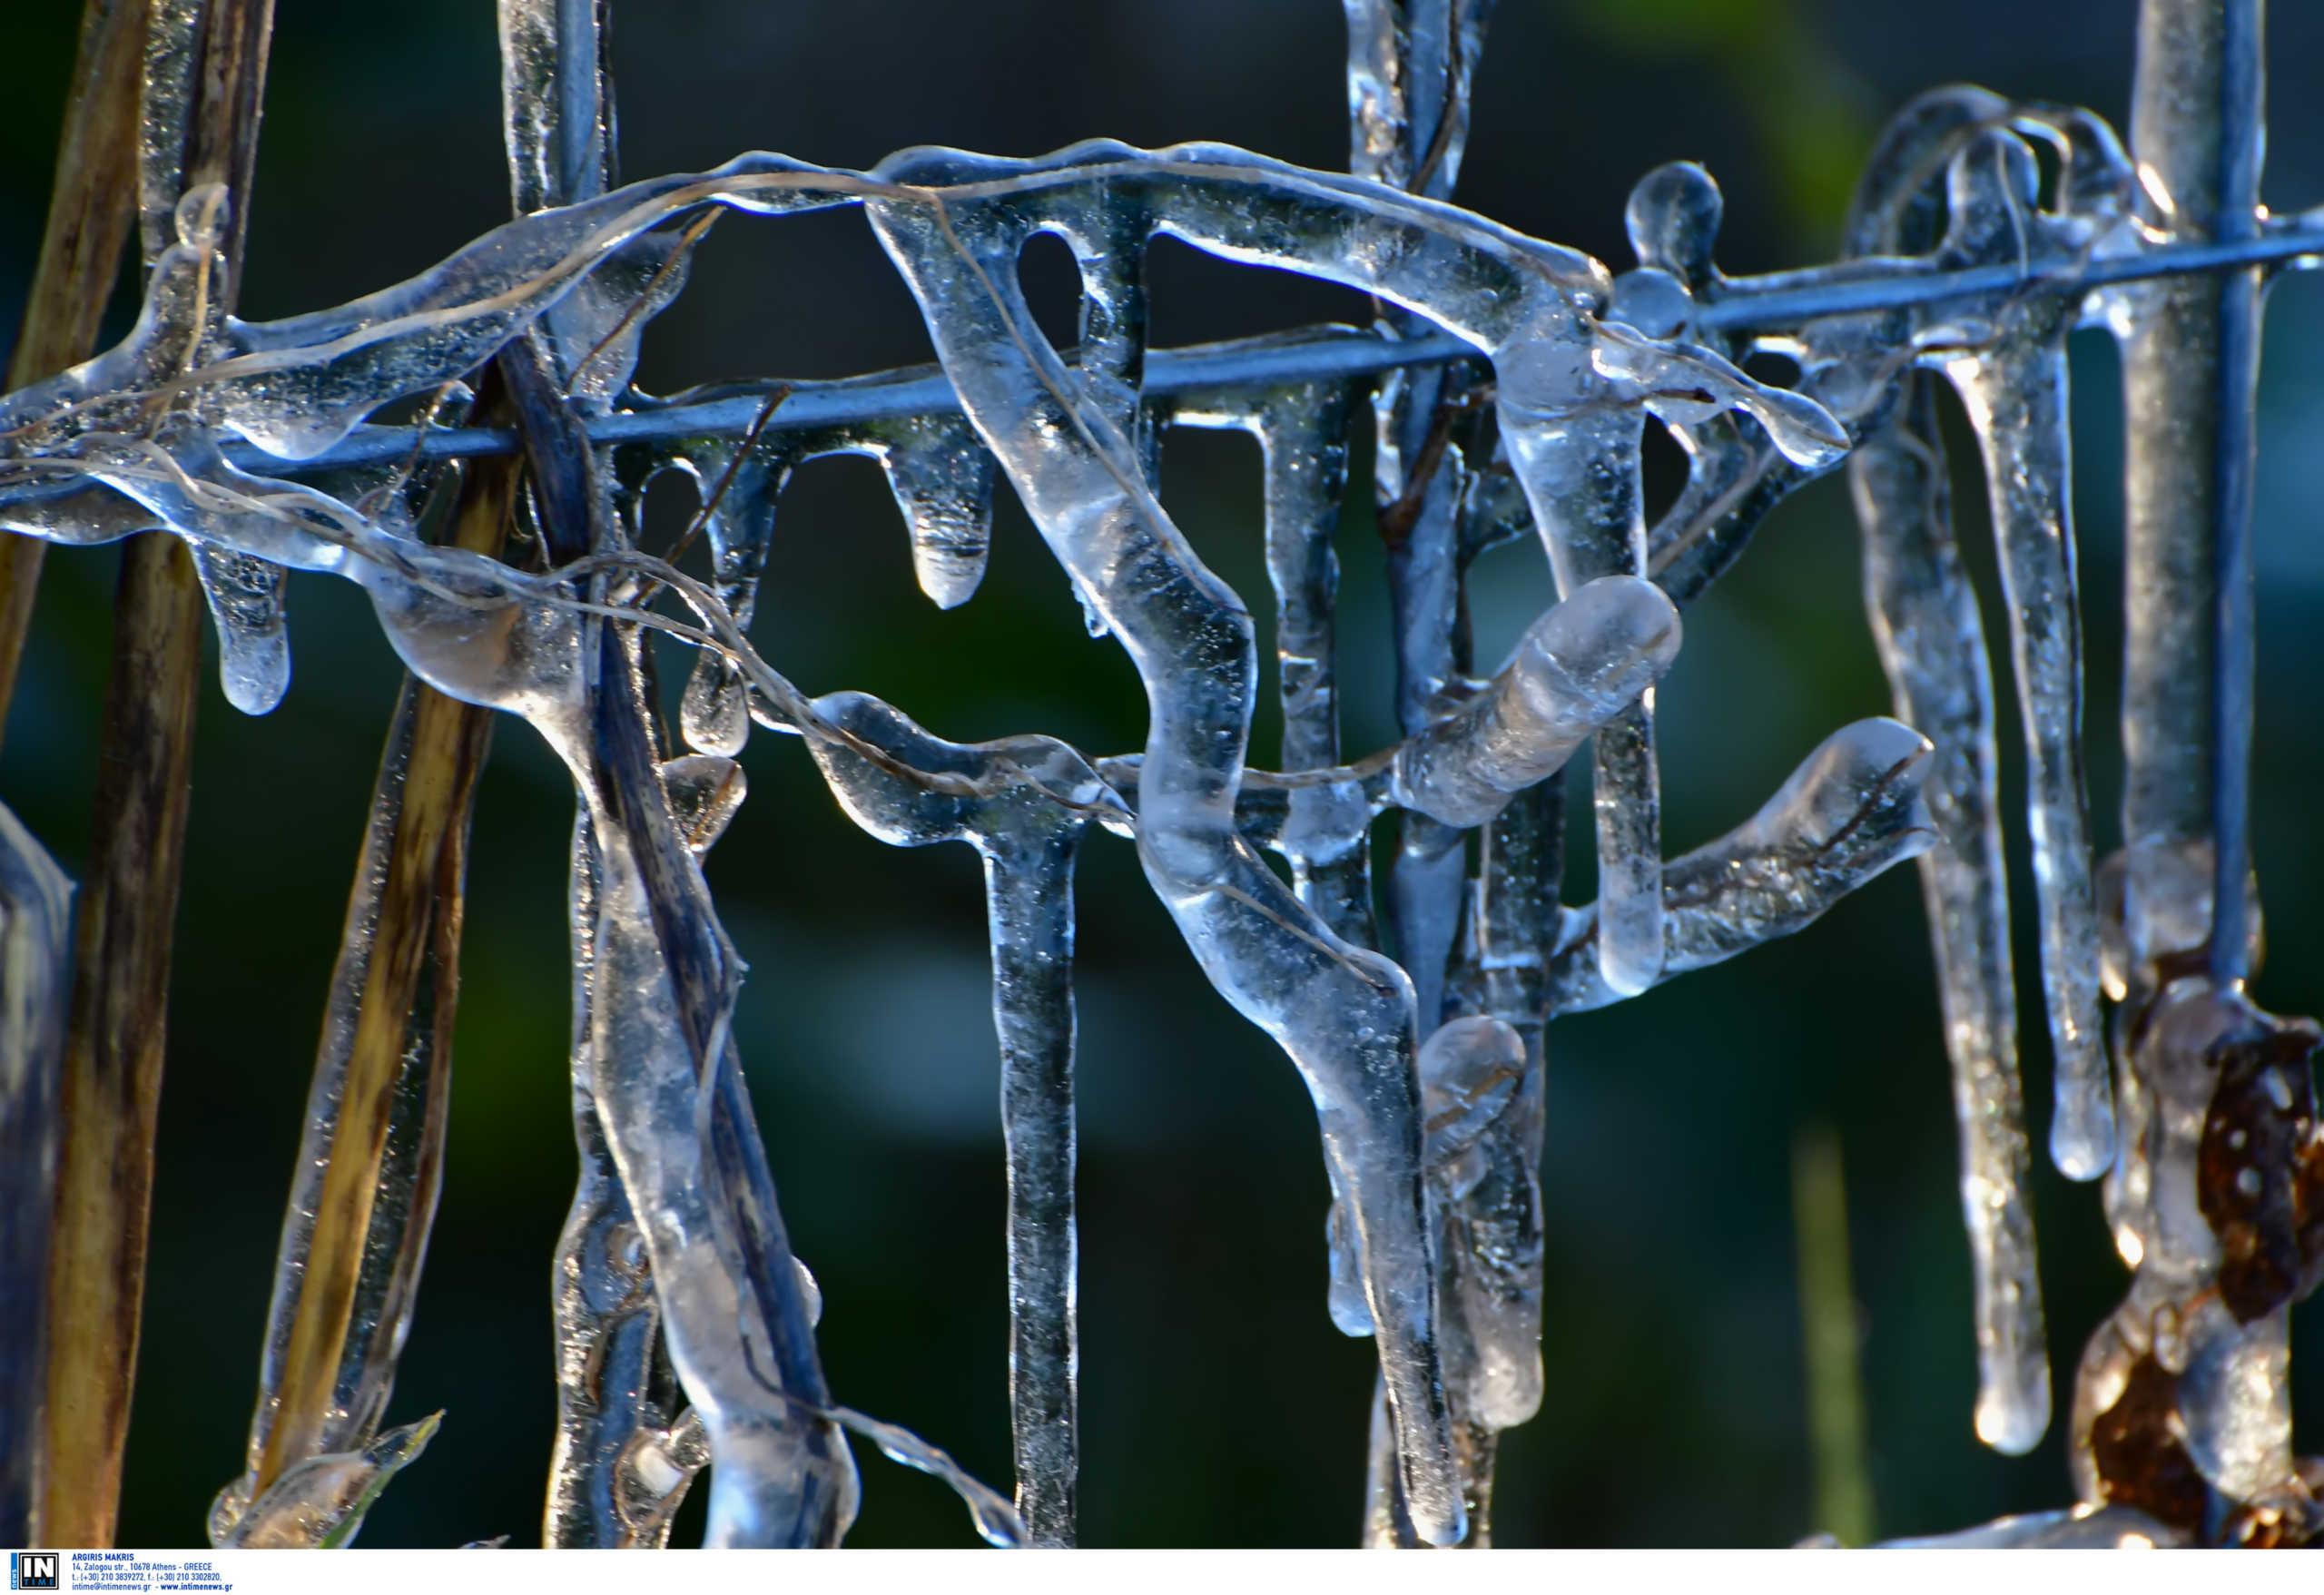 Καιρός: Ισχυρός παγετός στην Βόρεια Ελλάδα – Πού έπεσε ο υδράργυρος στους -8 (pic)